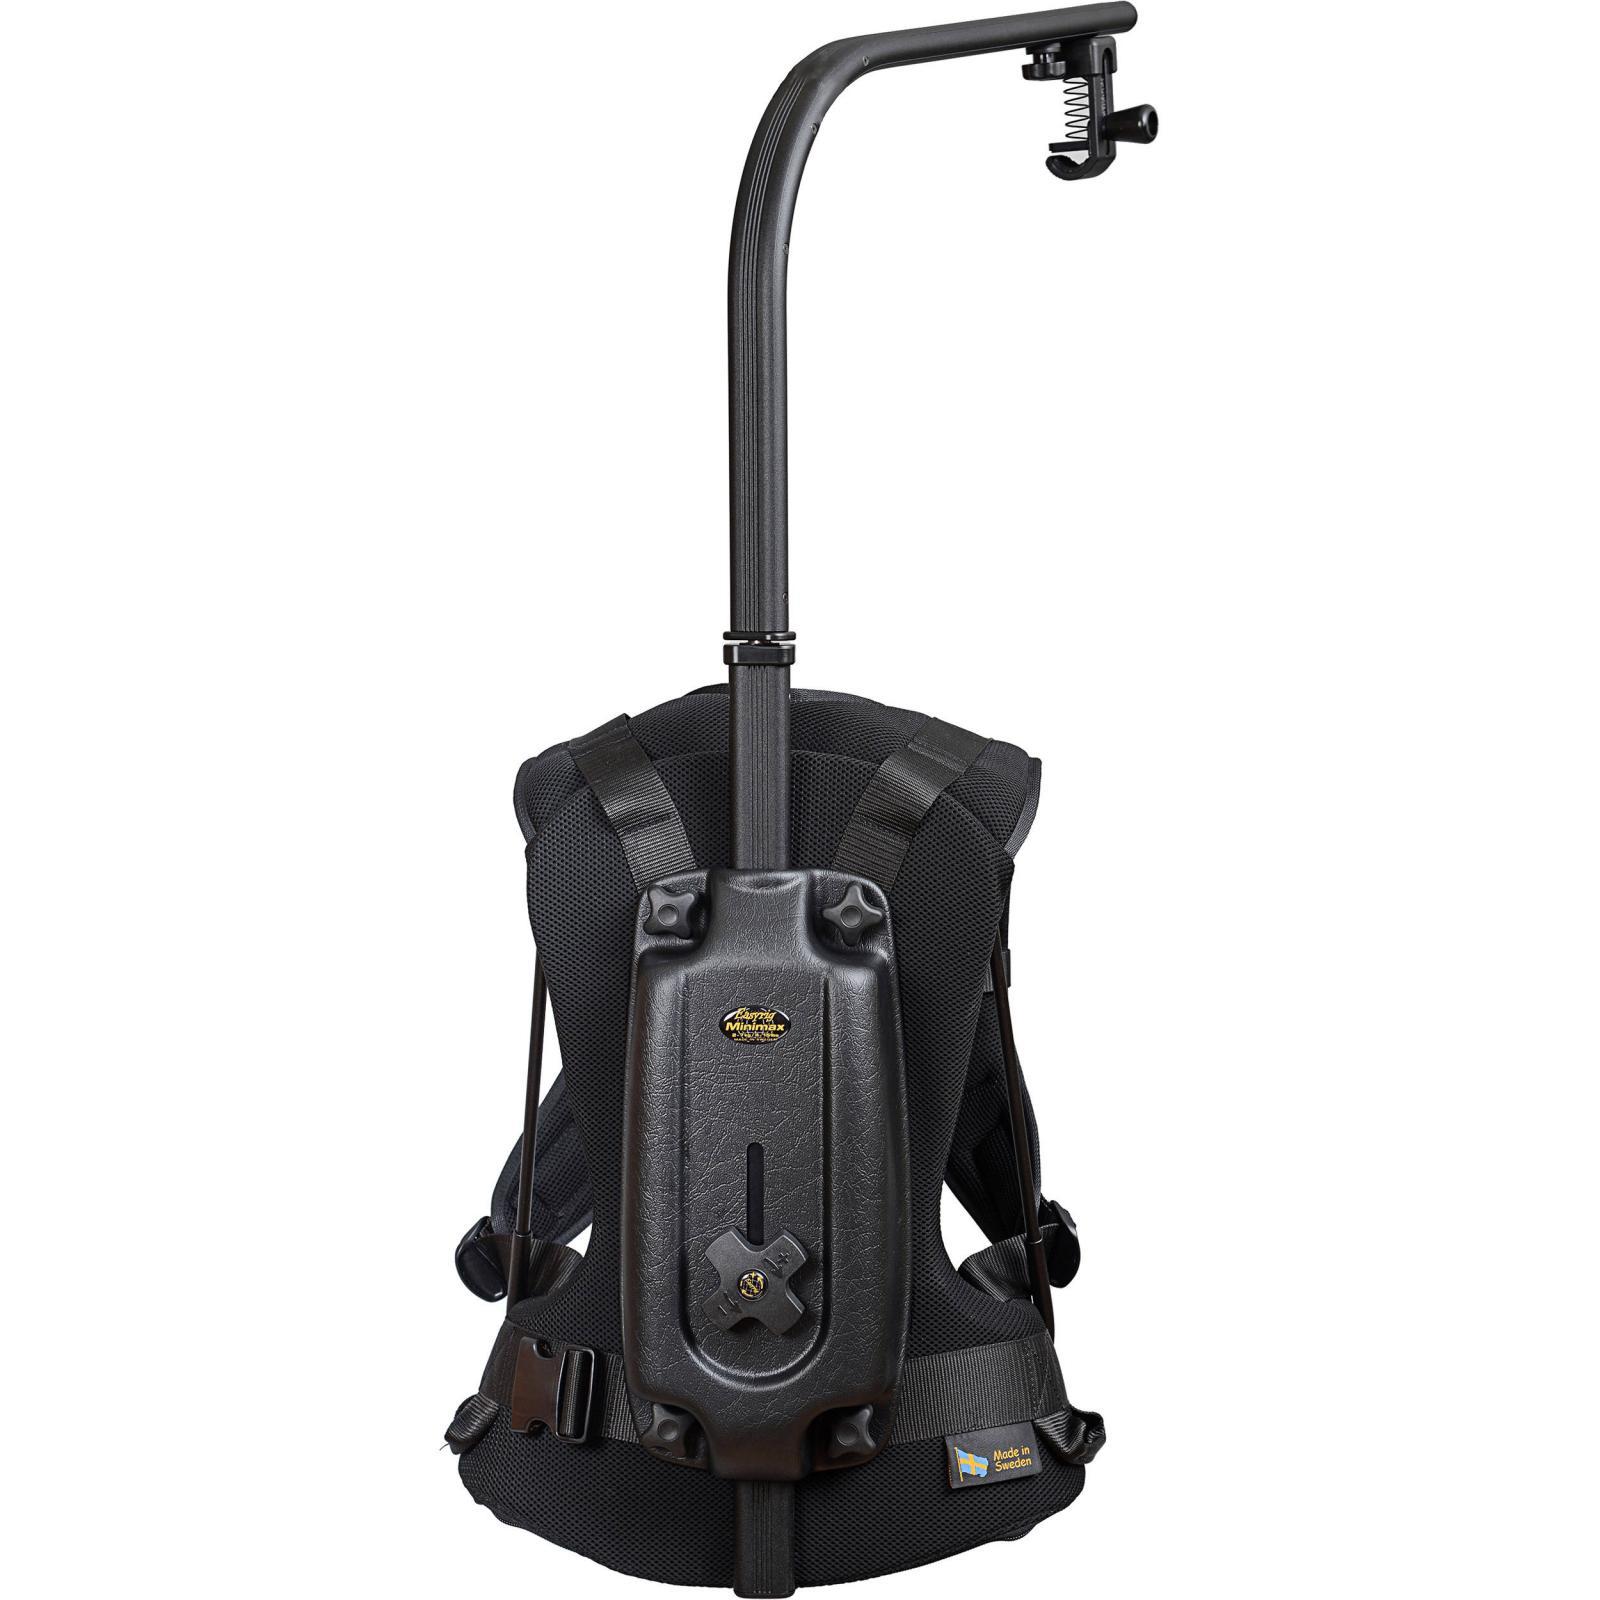 EasyRig Minimax suporte para câmeras até 5.75kg